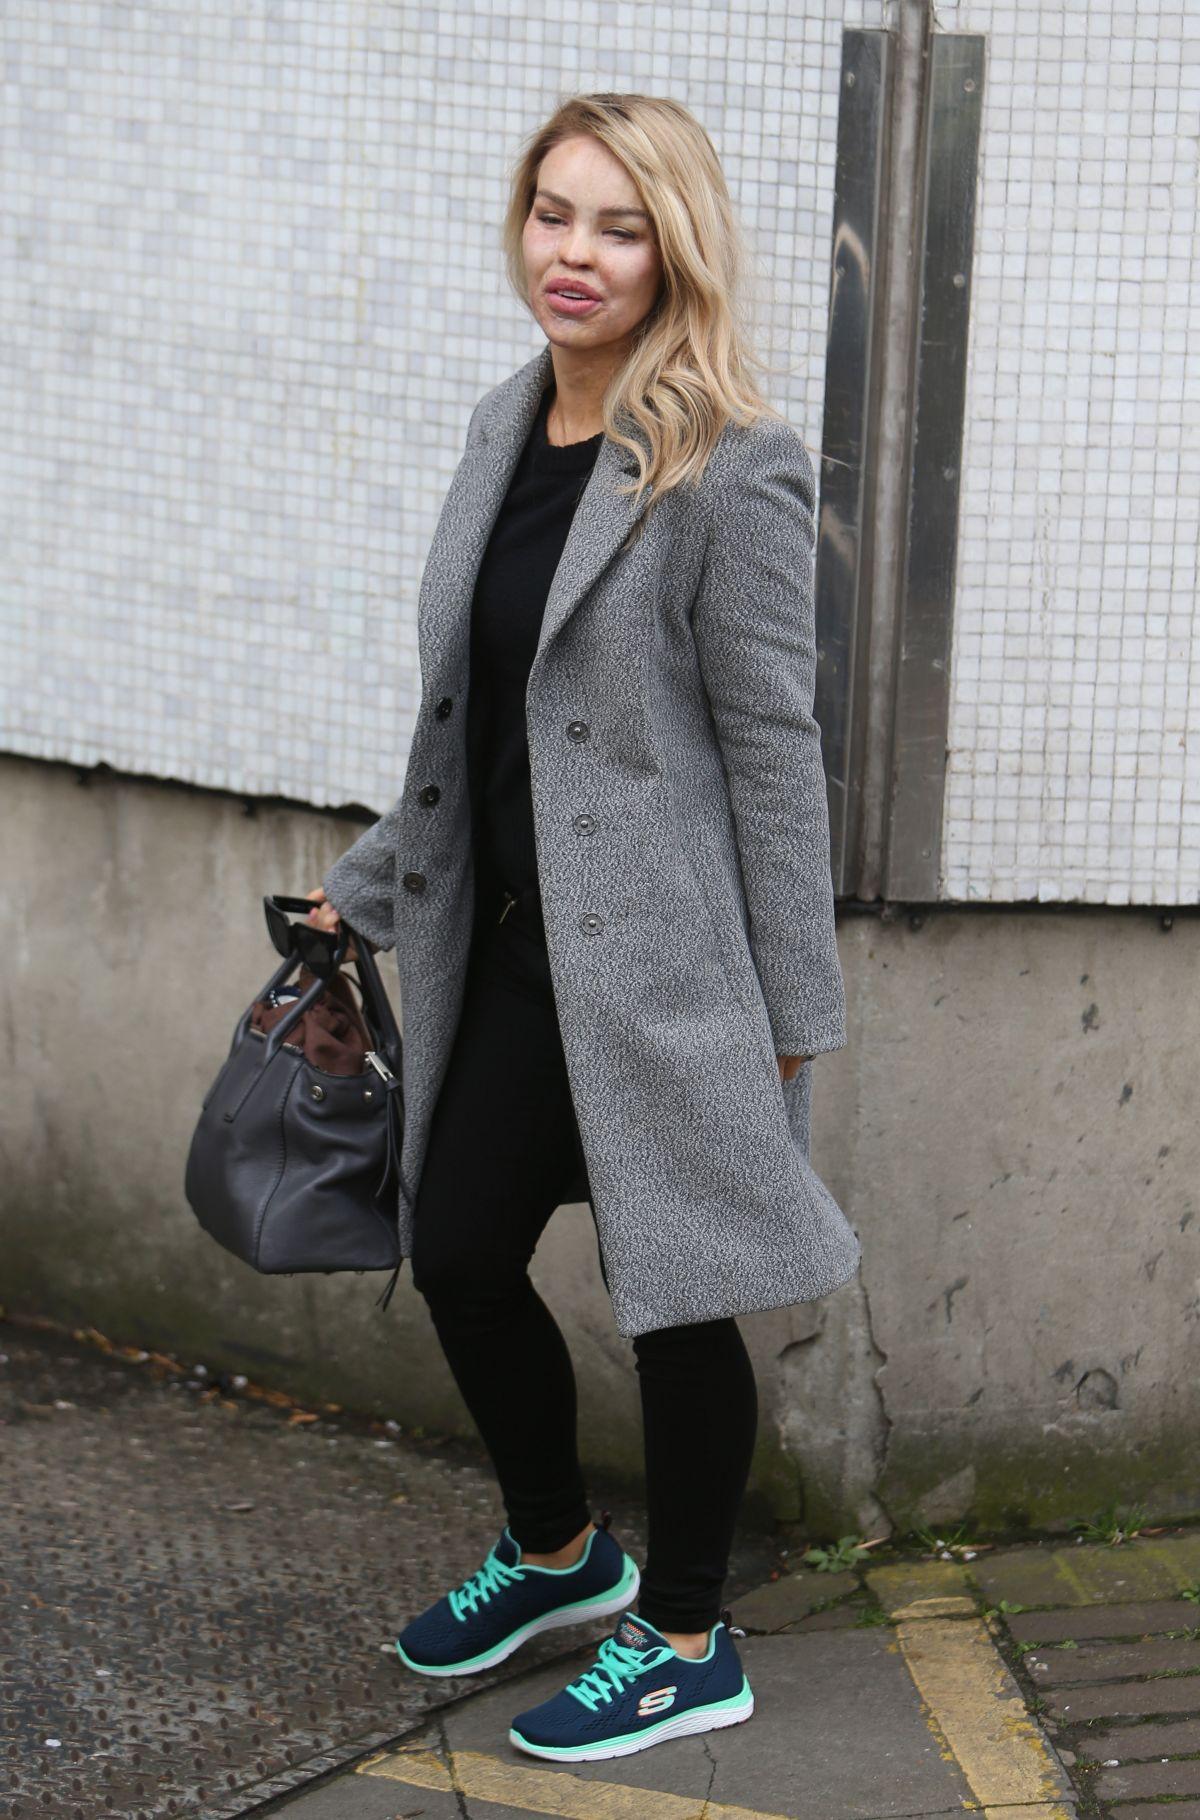 KATIE PIPER at ITV Studios in London 03/23/2017